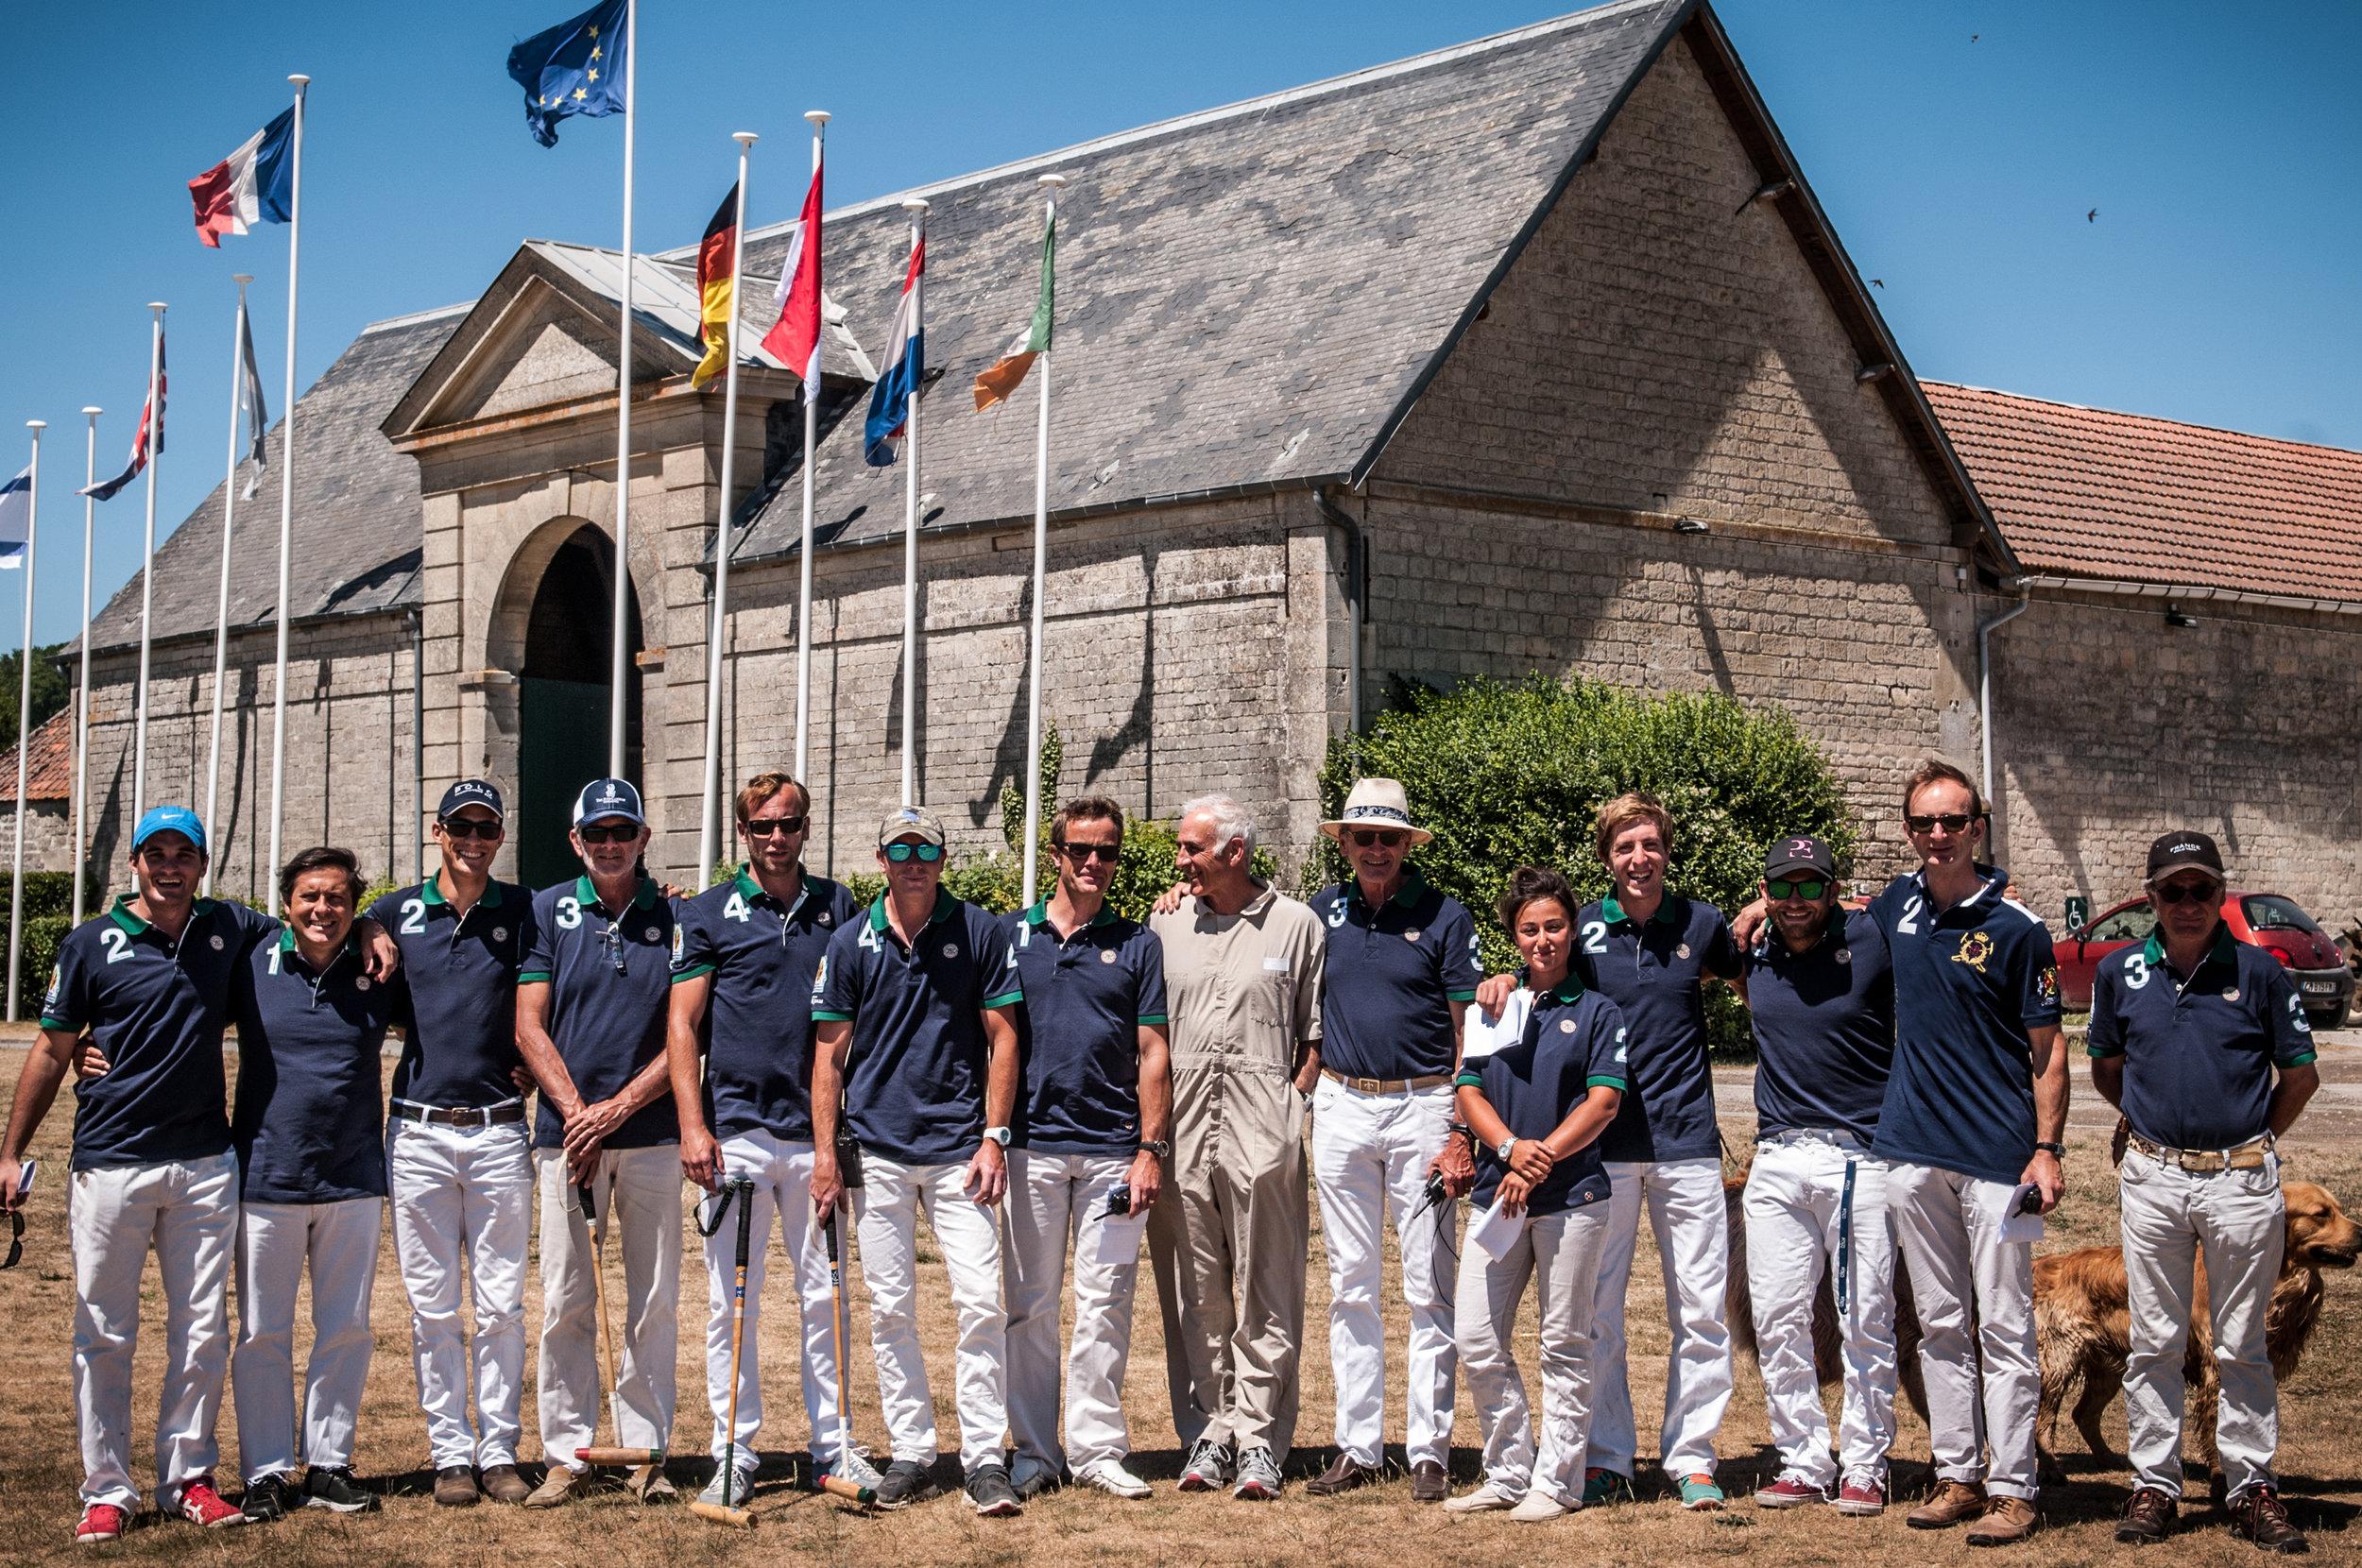 L'équipe des enseignants et joueurs professionnels du Polo Club du Domaine de Chantilly  Teachers and pro players team of Chatilly Polo Club